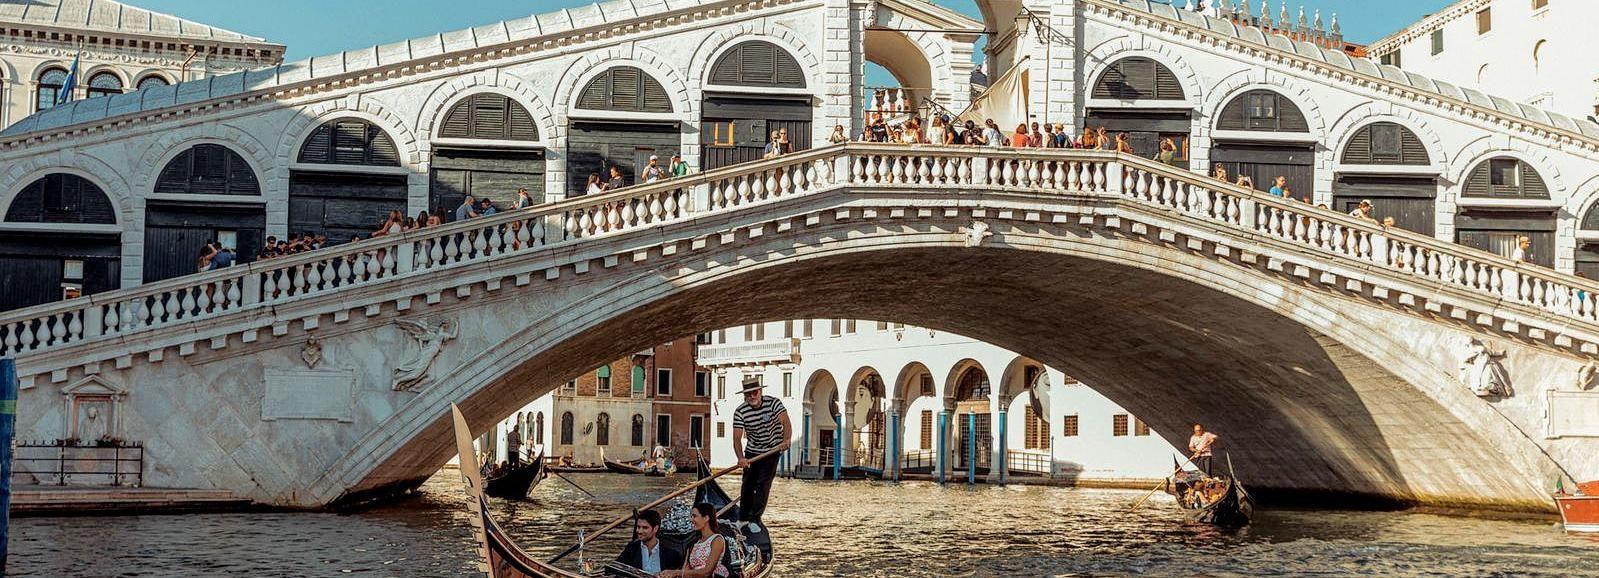 Venice: Private Gondola Ride in St. Mark's Area